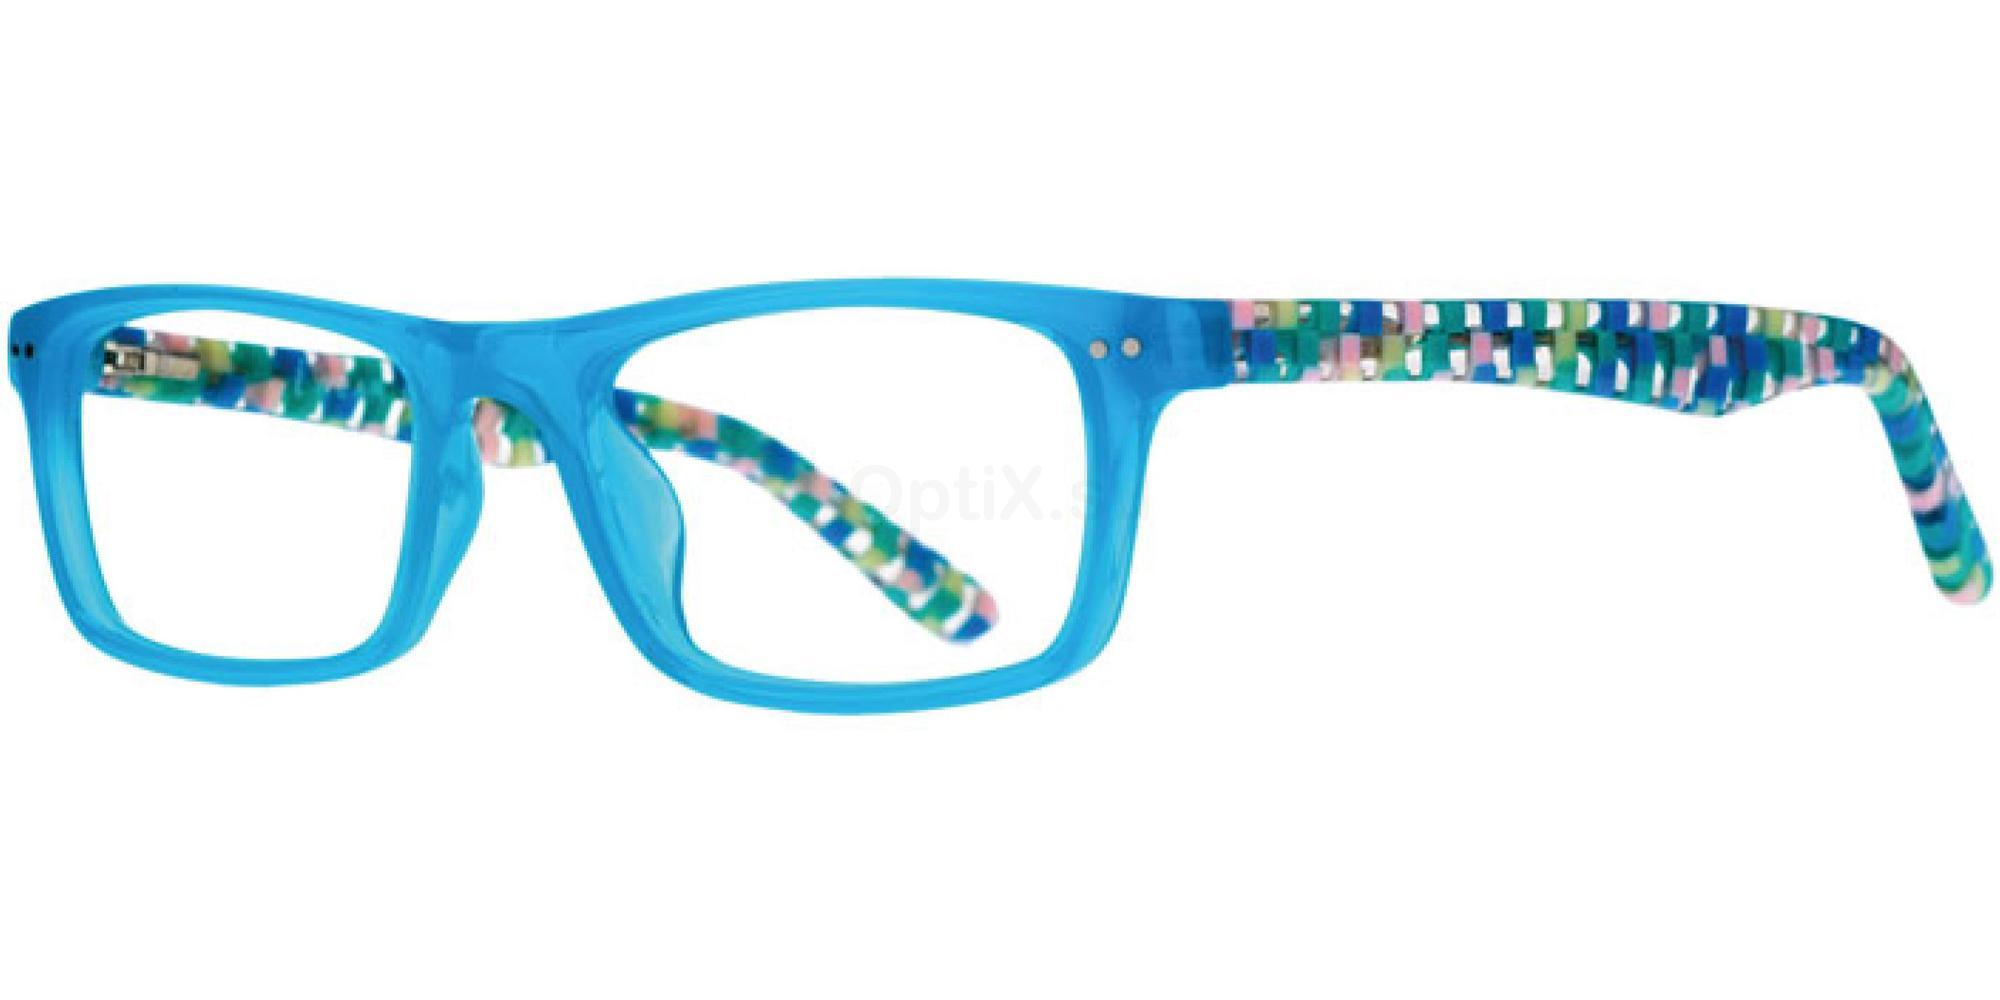 C1 i Wear 5072 Glasses, i Wear